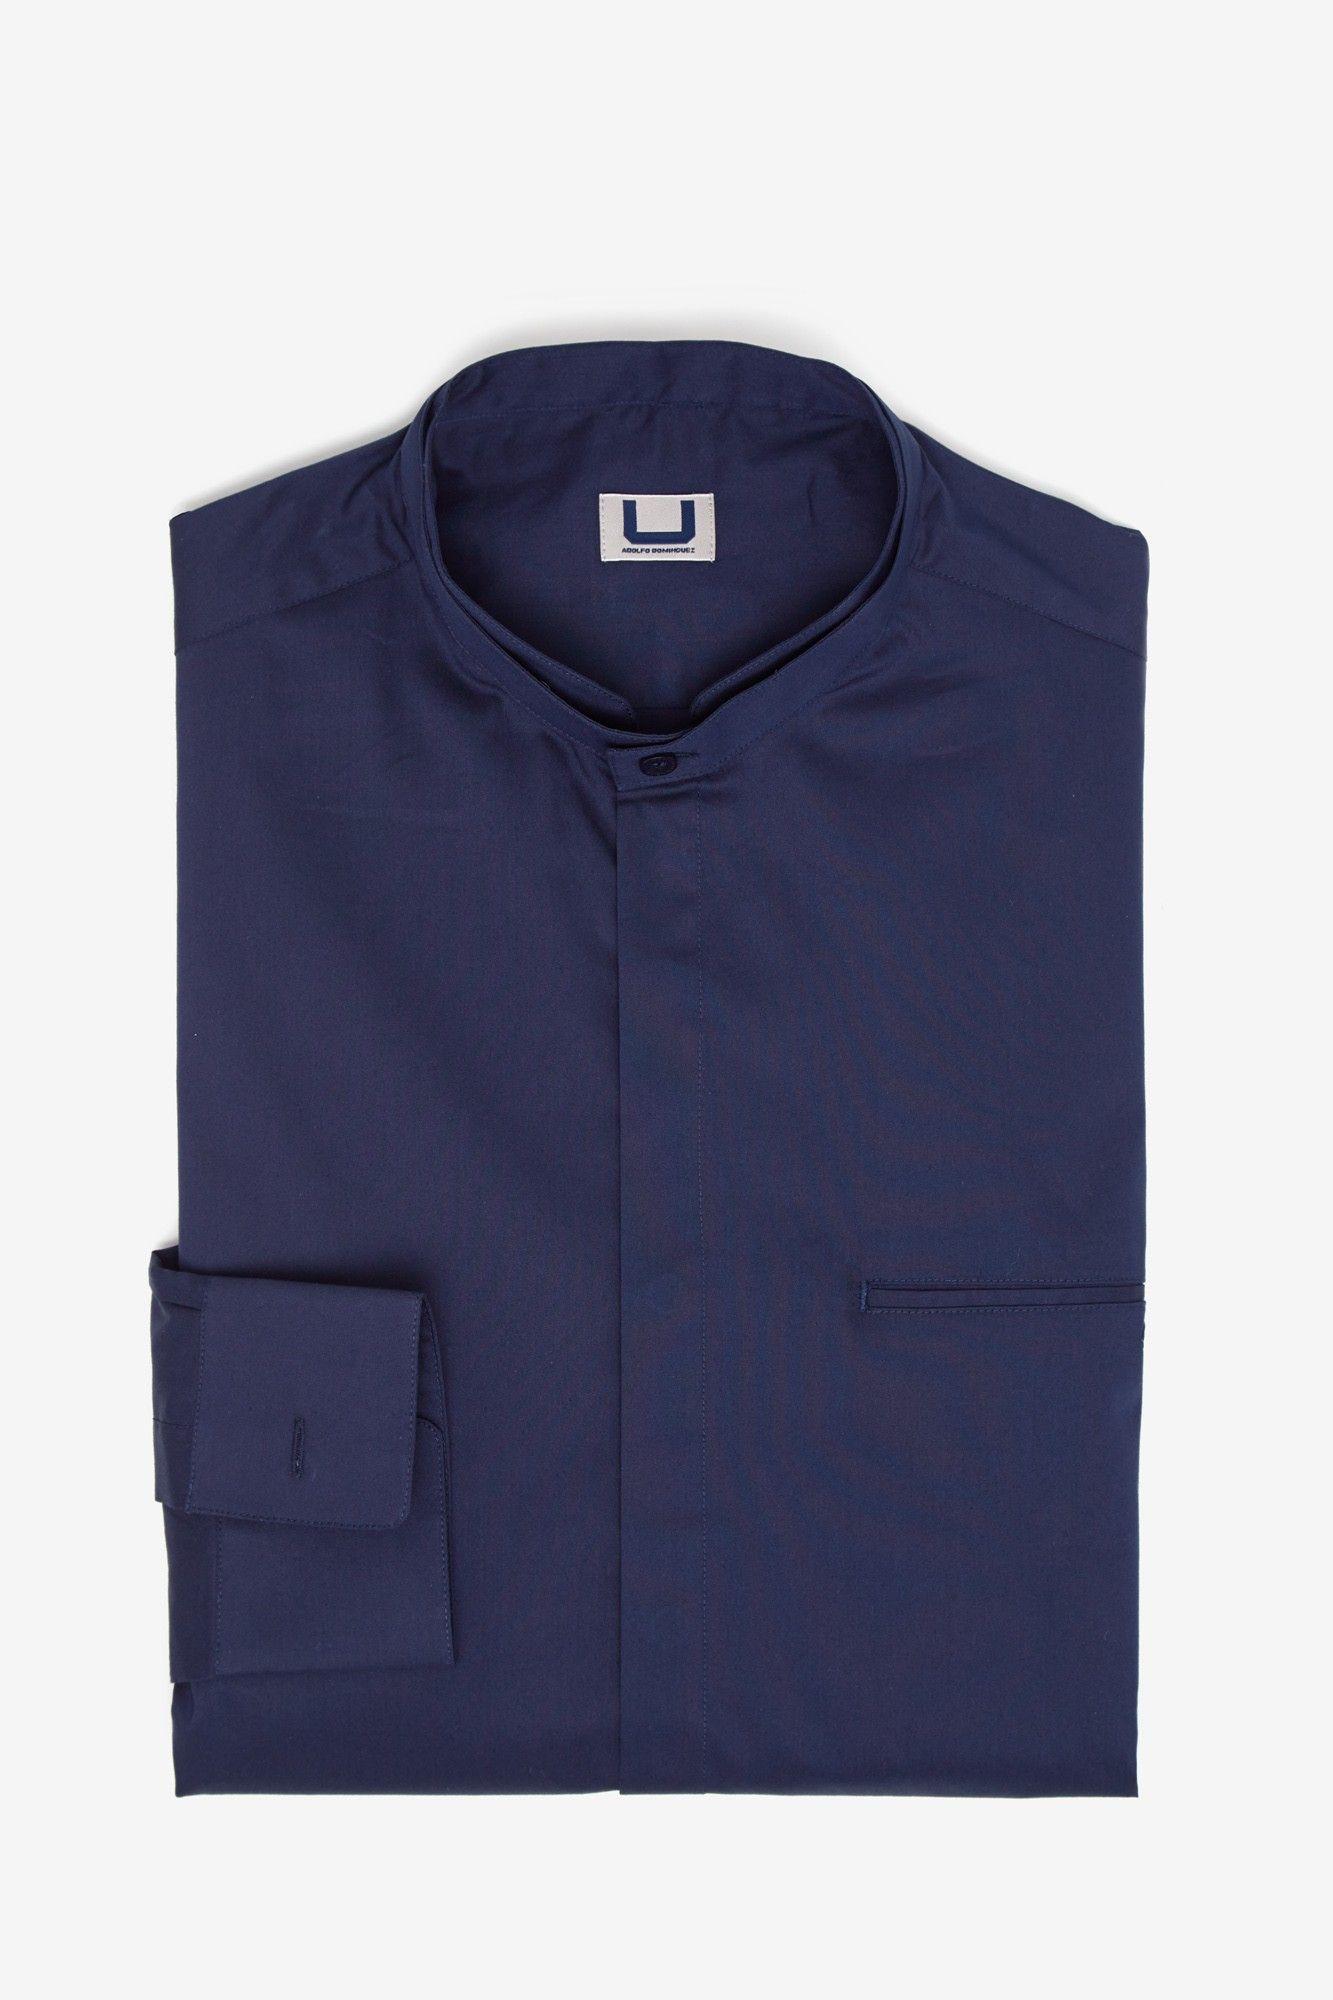 94742f1537 Camisa de popelín con cuello mao - camisas